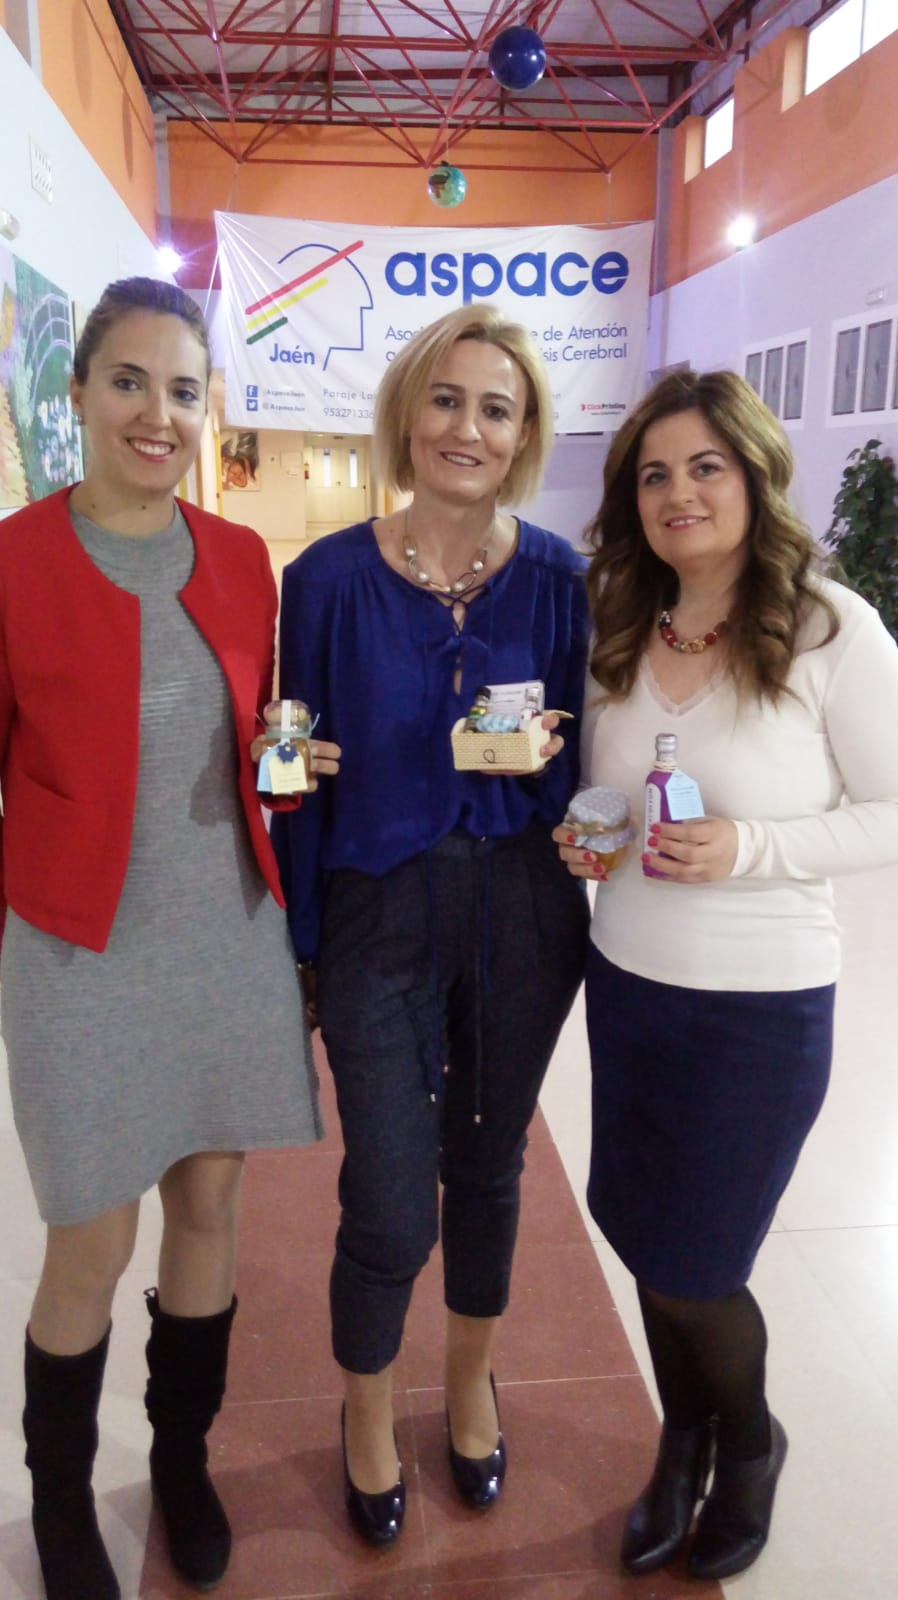 Emilia López de Enamor Wedding Coach visita Aspace Jaén